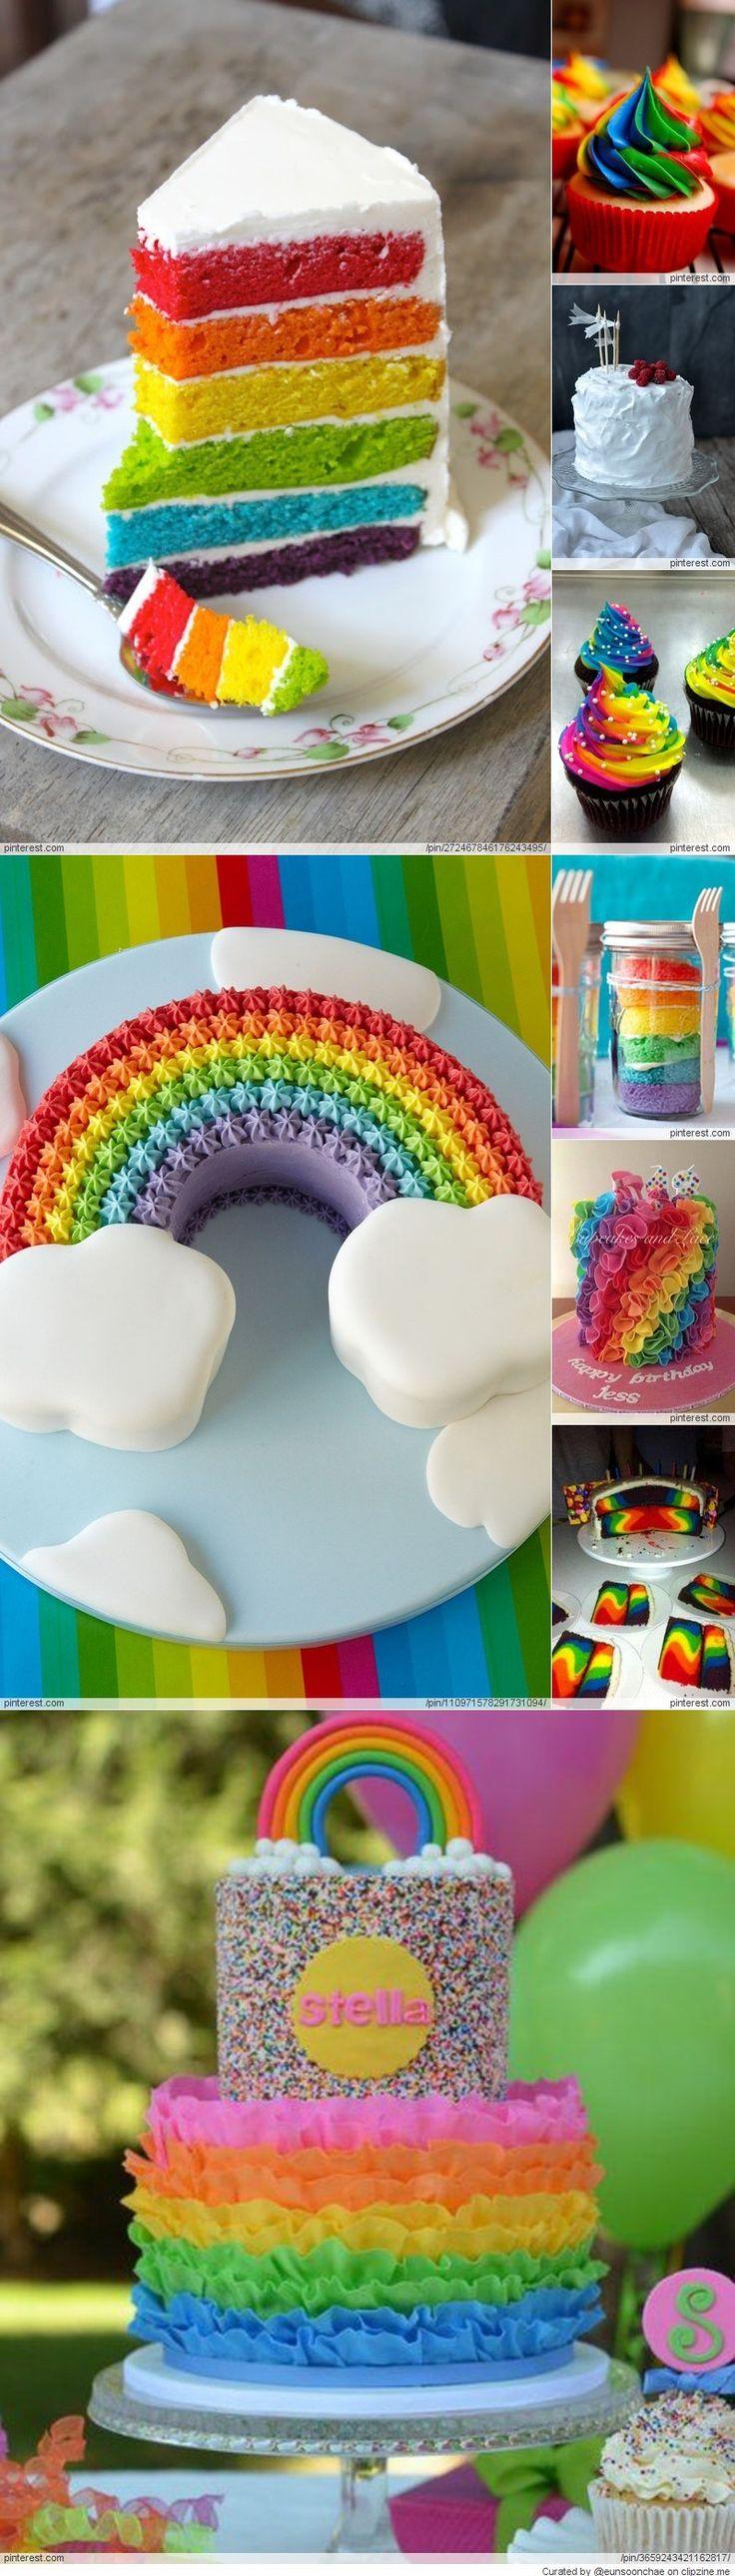 rainbow cake + cupcakes = More